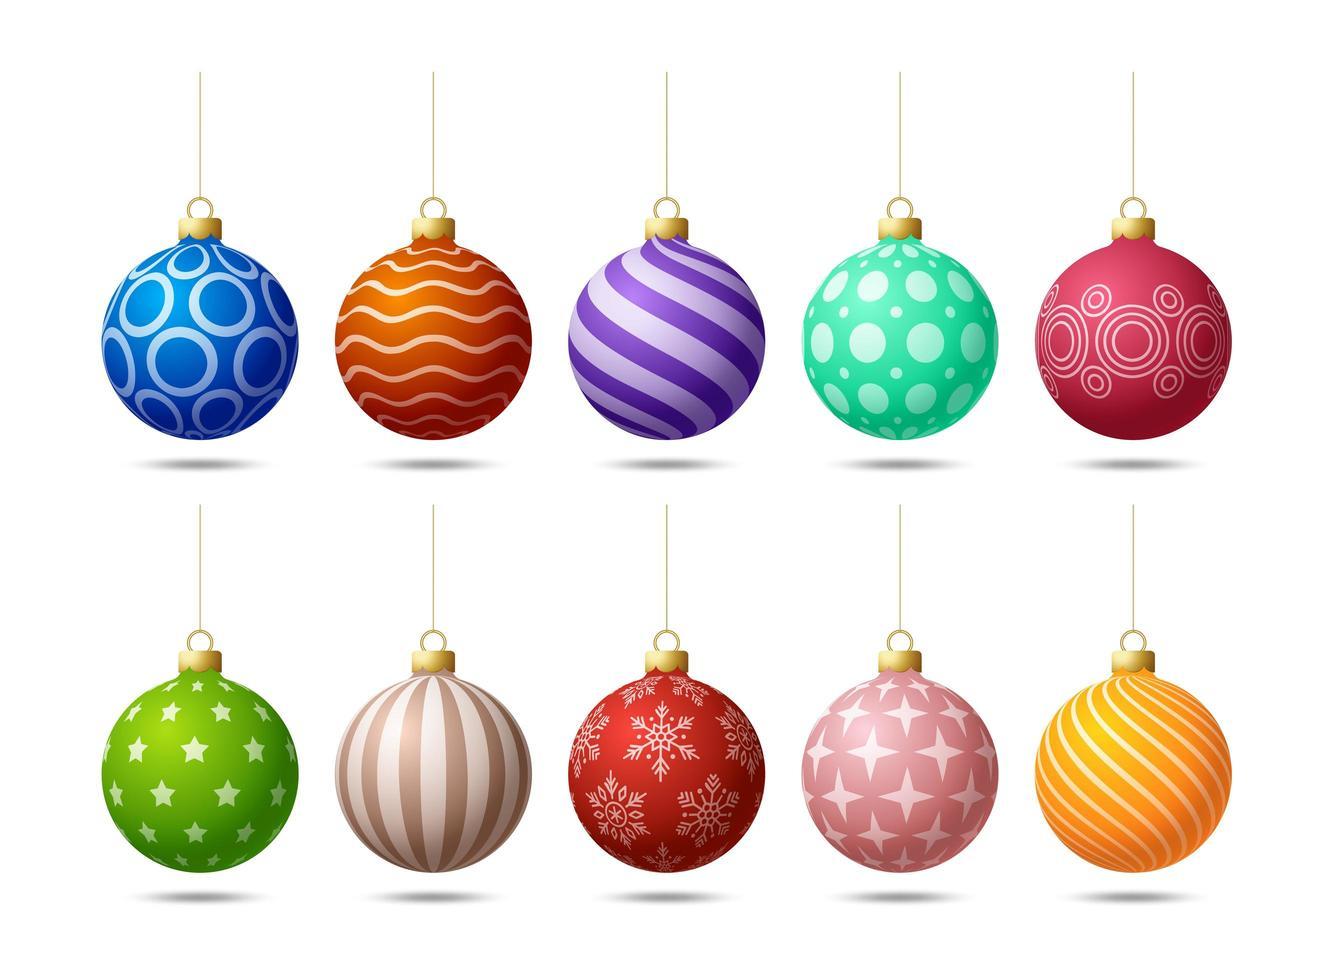 glänzende bunte weihnachtlich verzierte Baumkugelverzierungen vektor